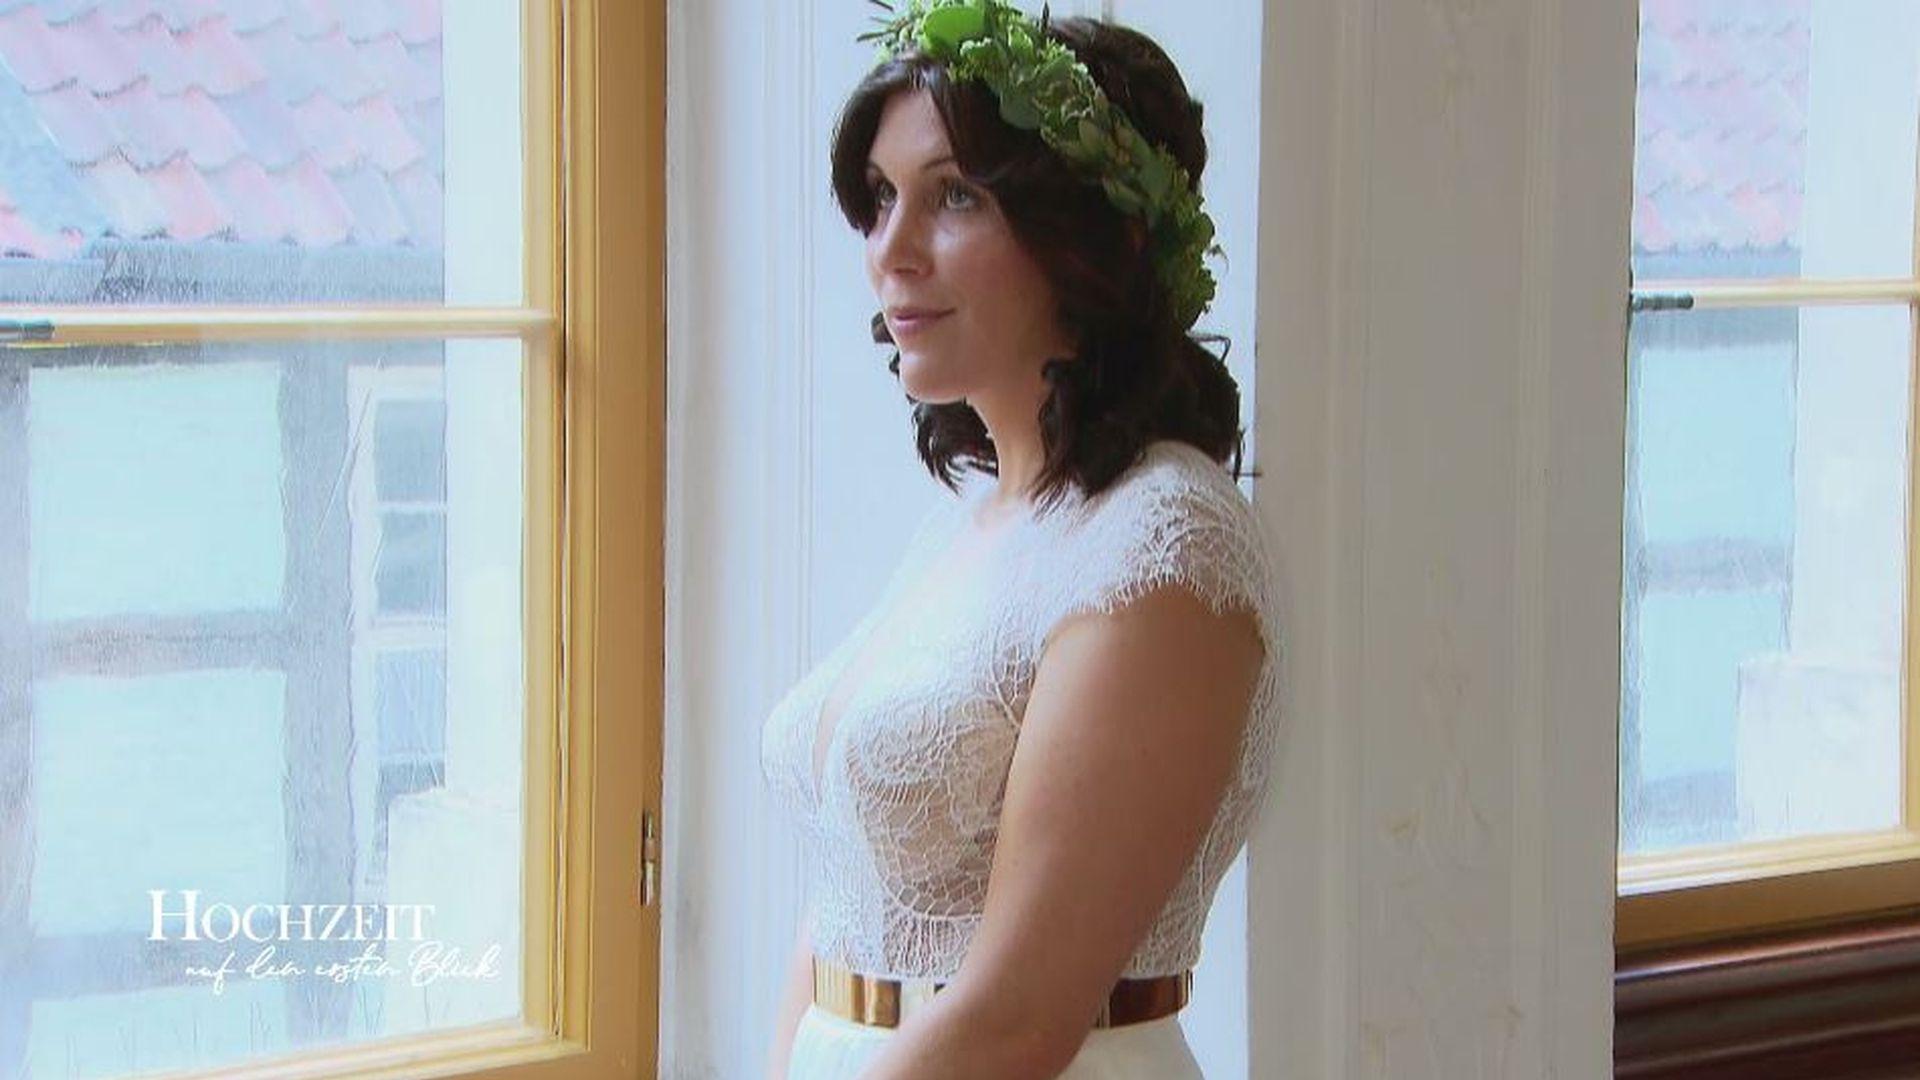 Schock Hochzeit Auf Ersten Blick Lisa Kennt Ihr Match Promiflash De